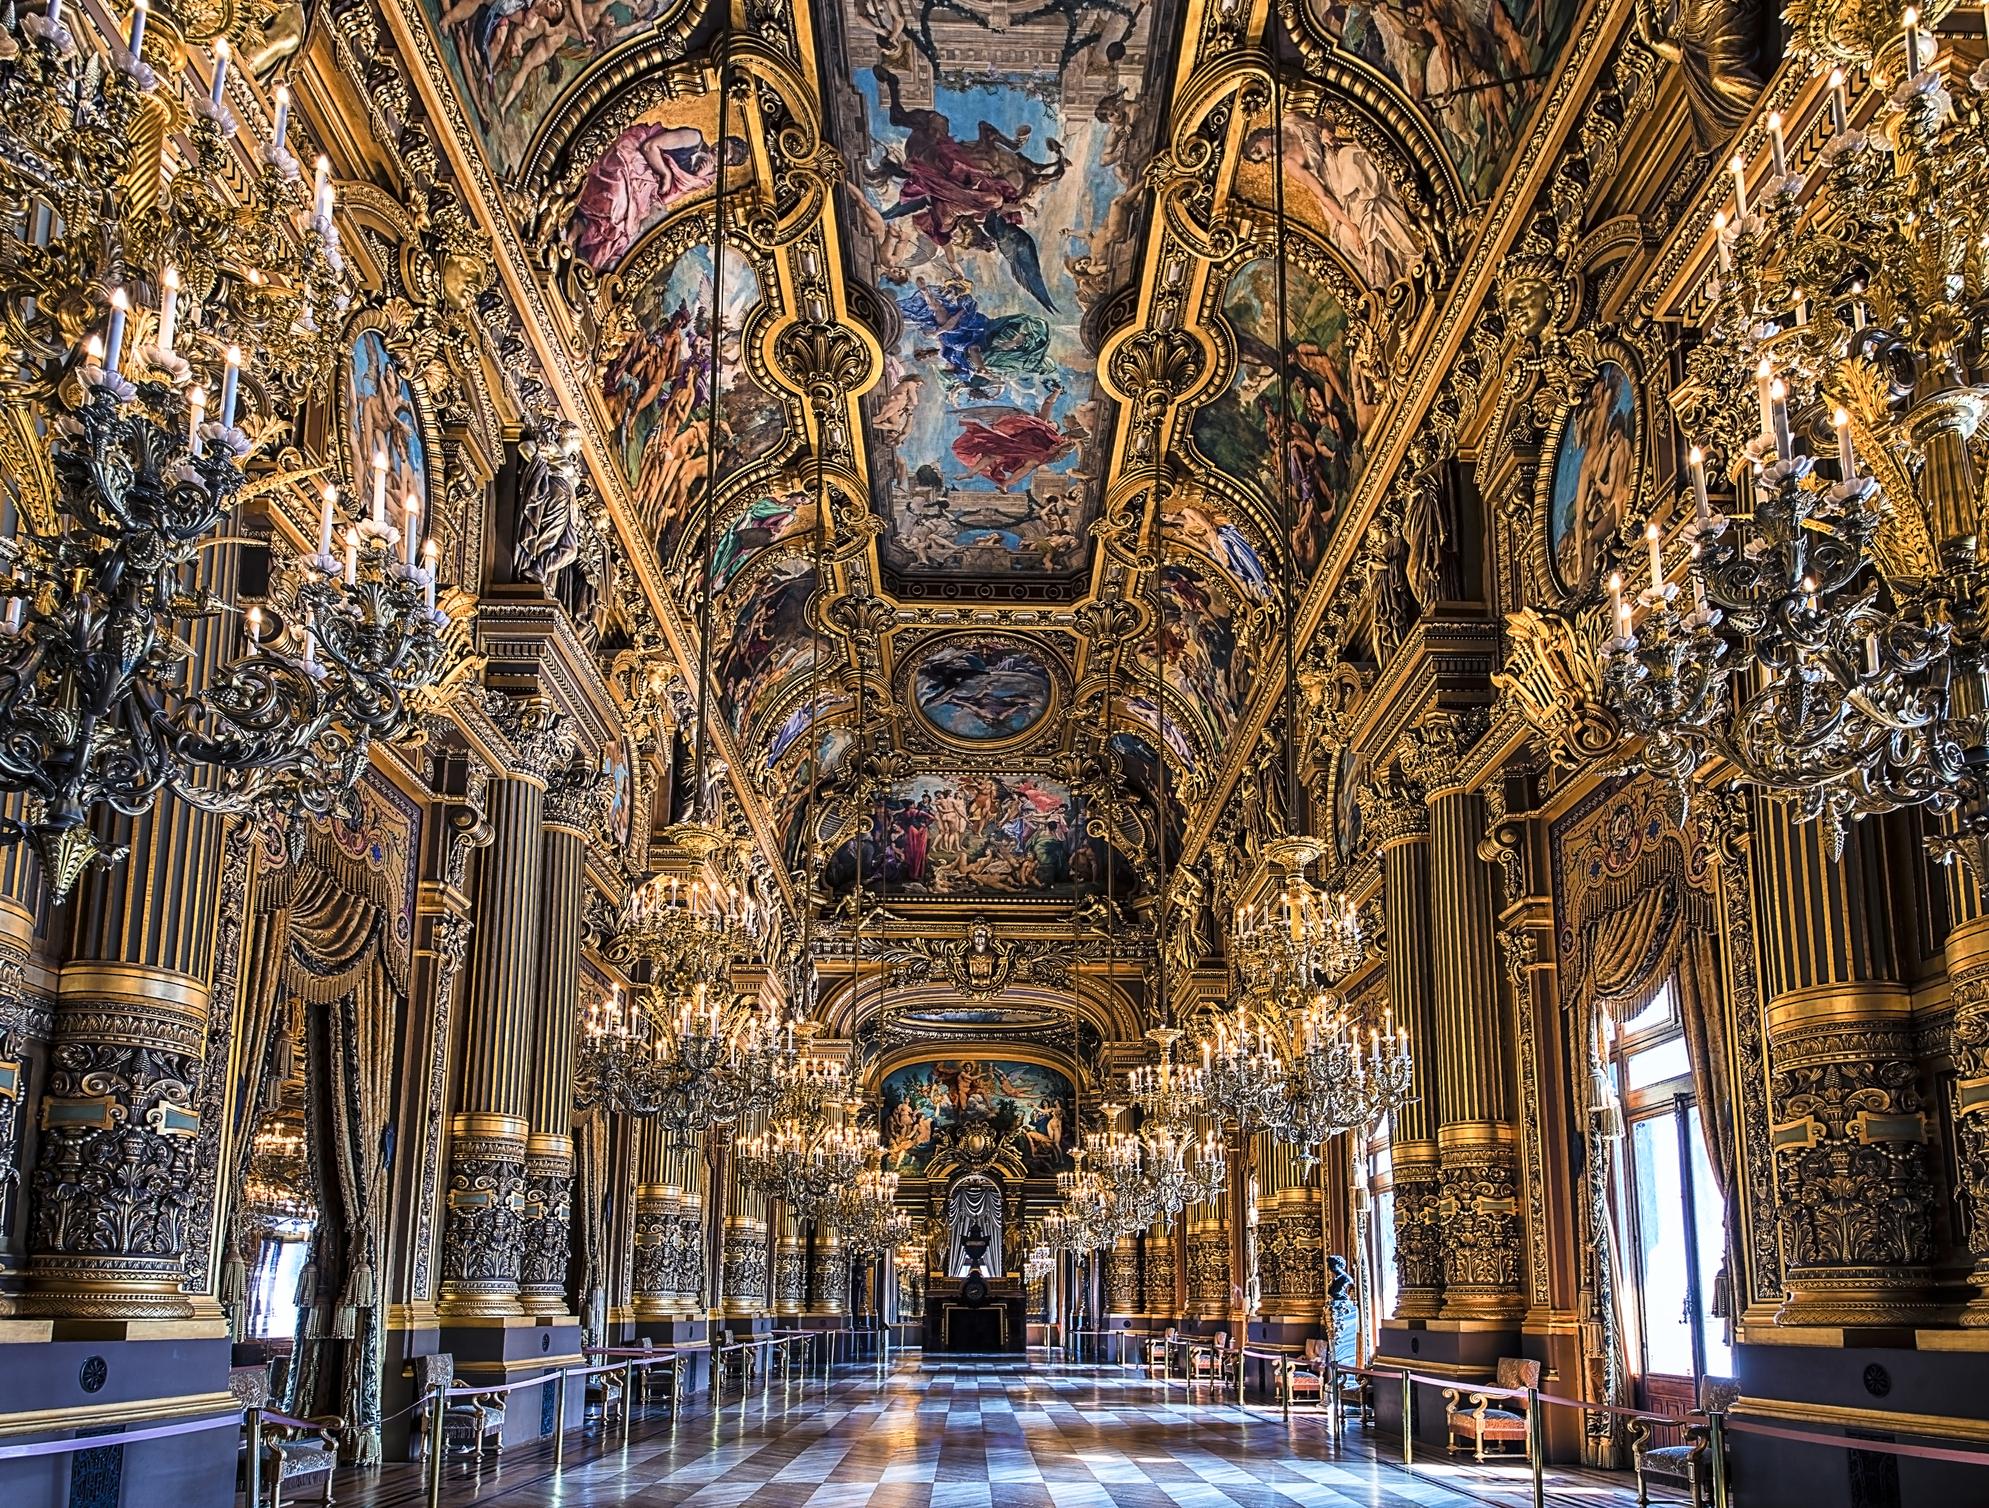 التجول داخل القصر